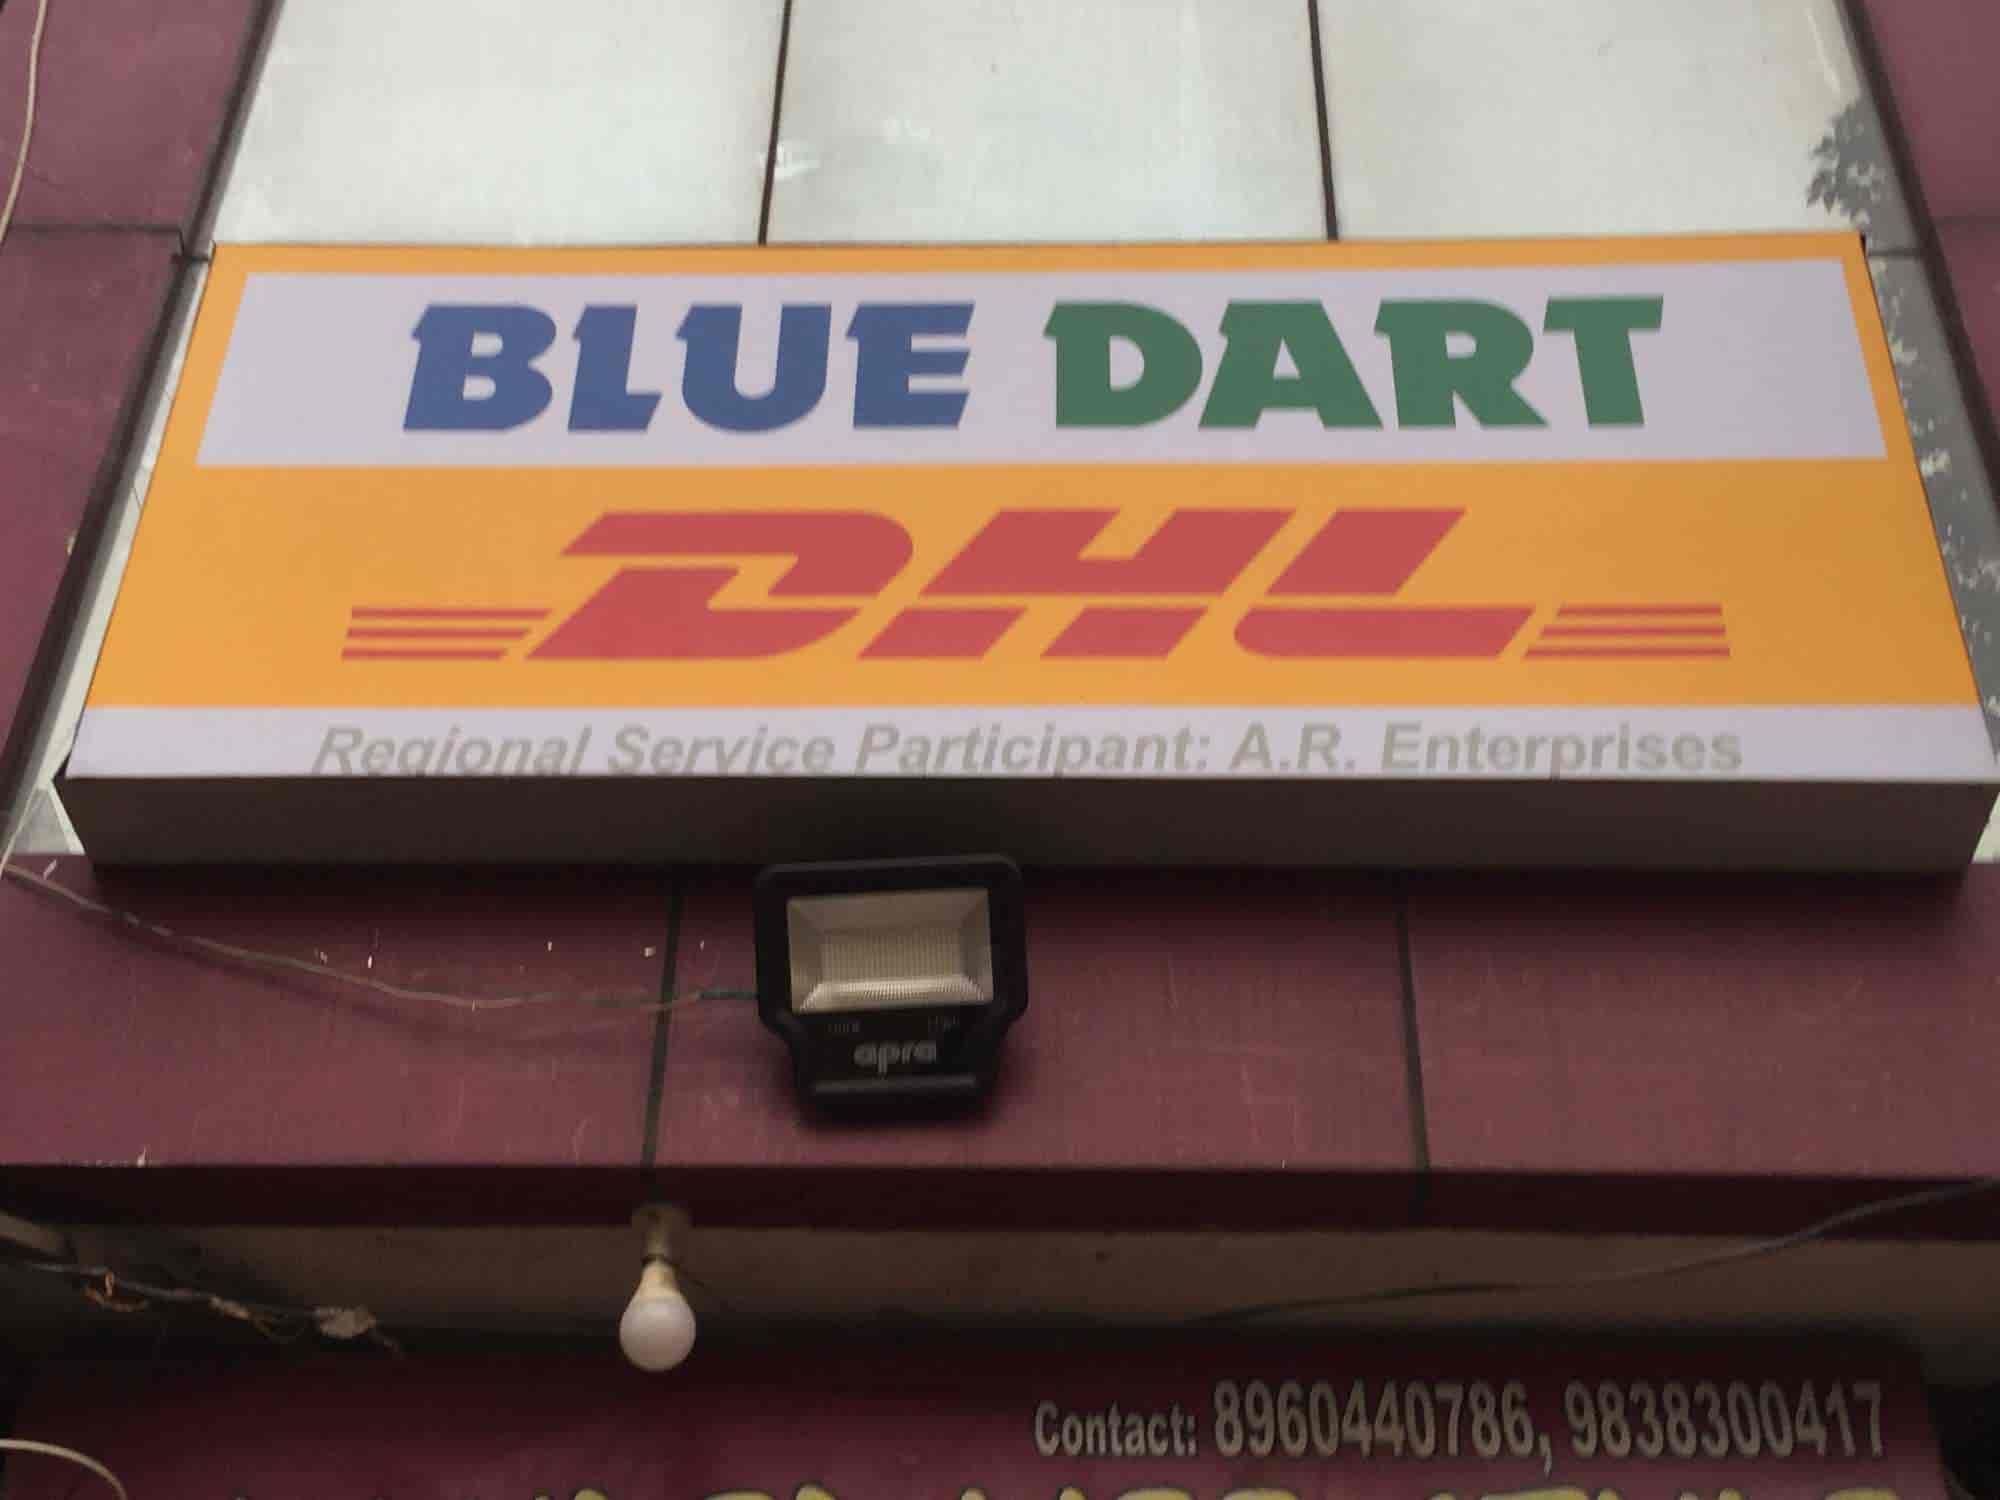 Blue Dart Express, Gorakhpur Ho, Gorakhpur - Domestic